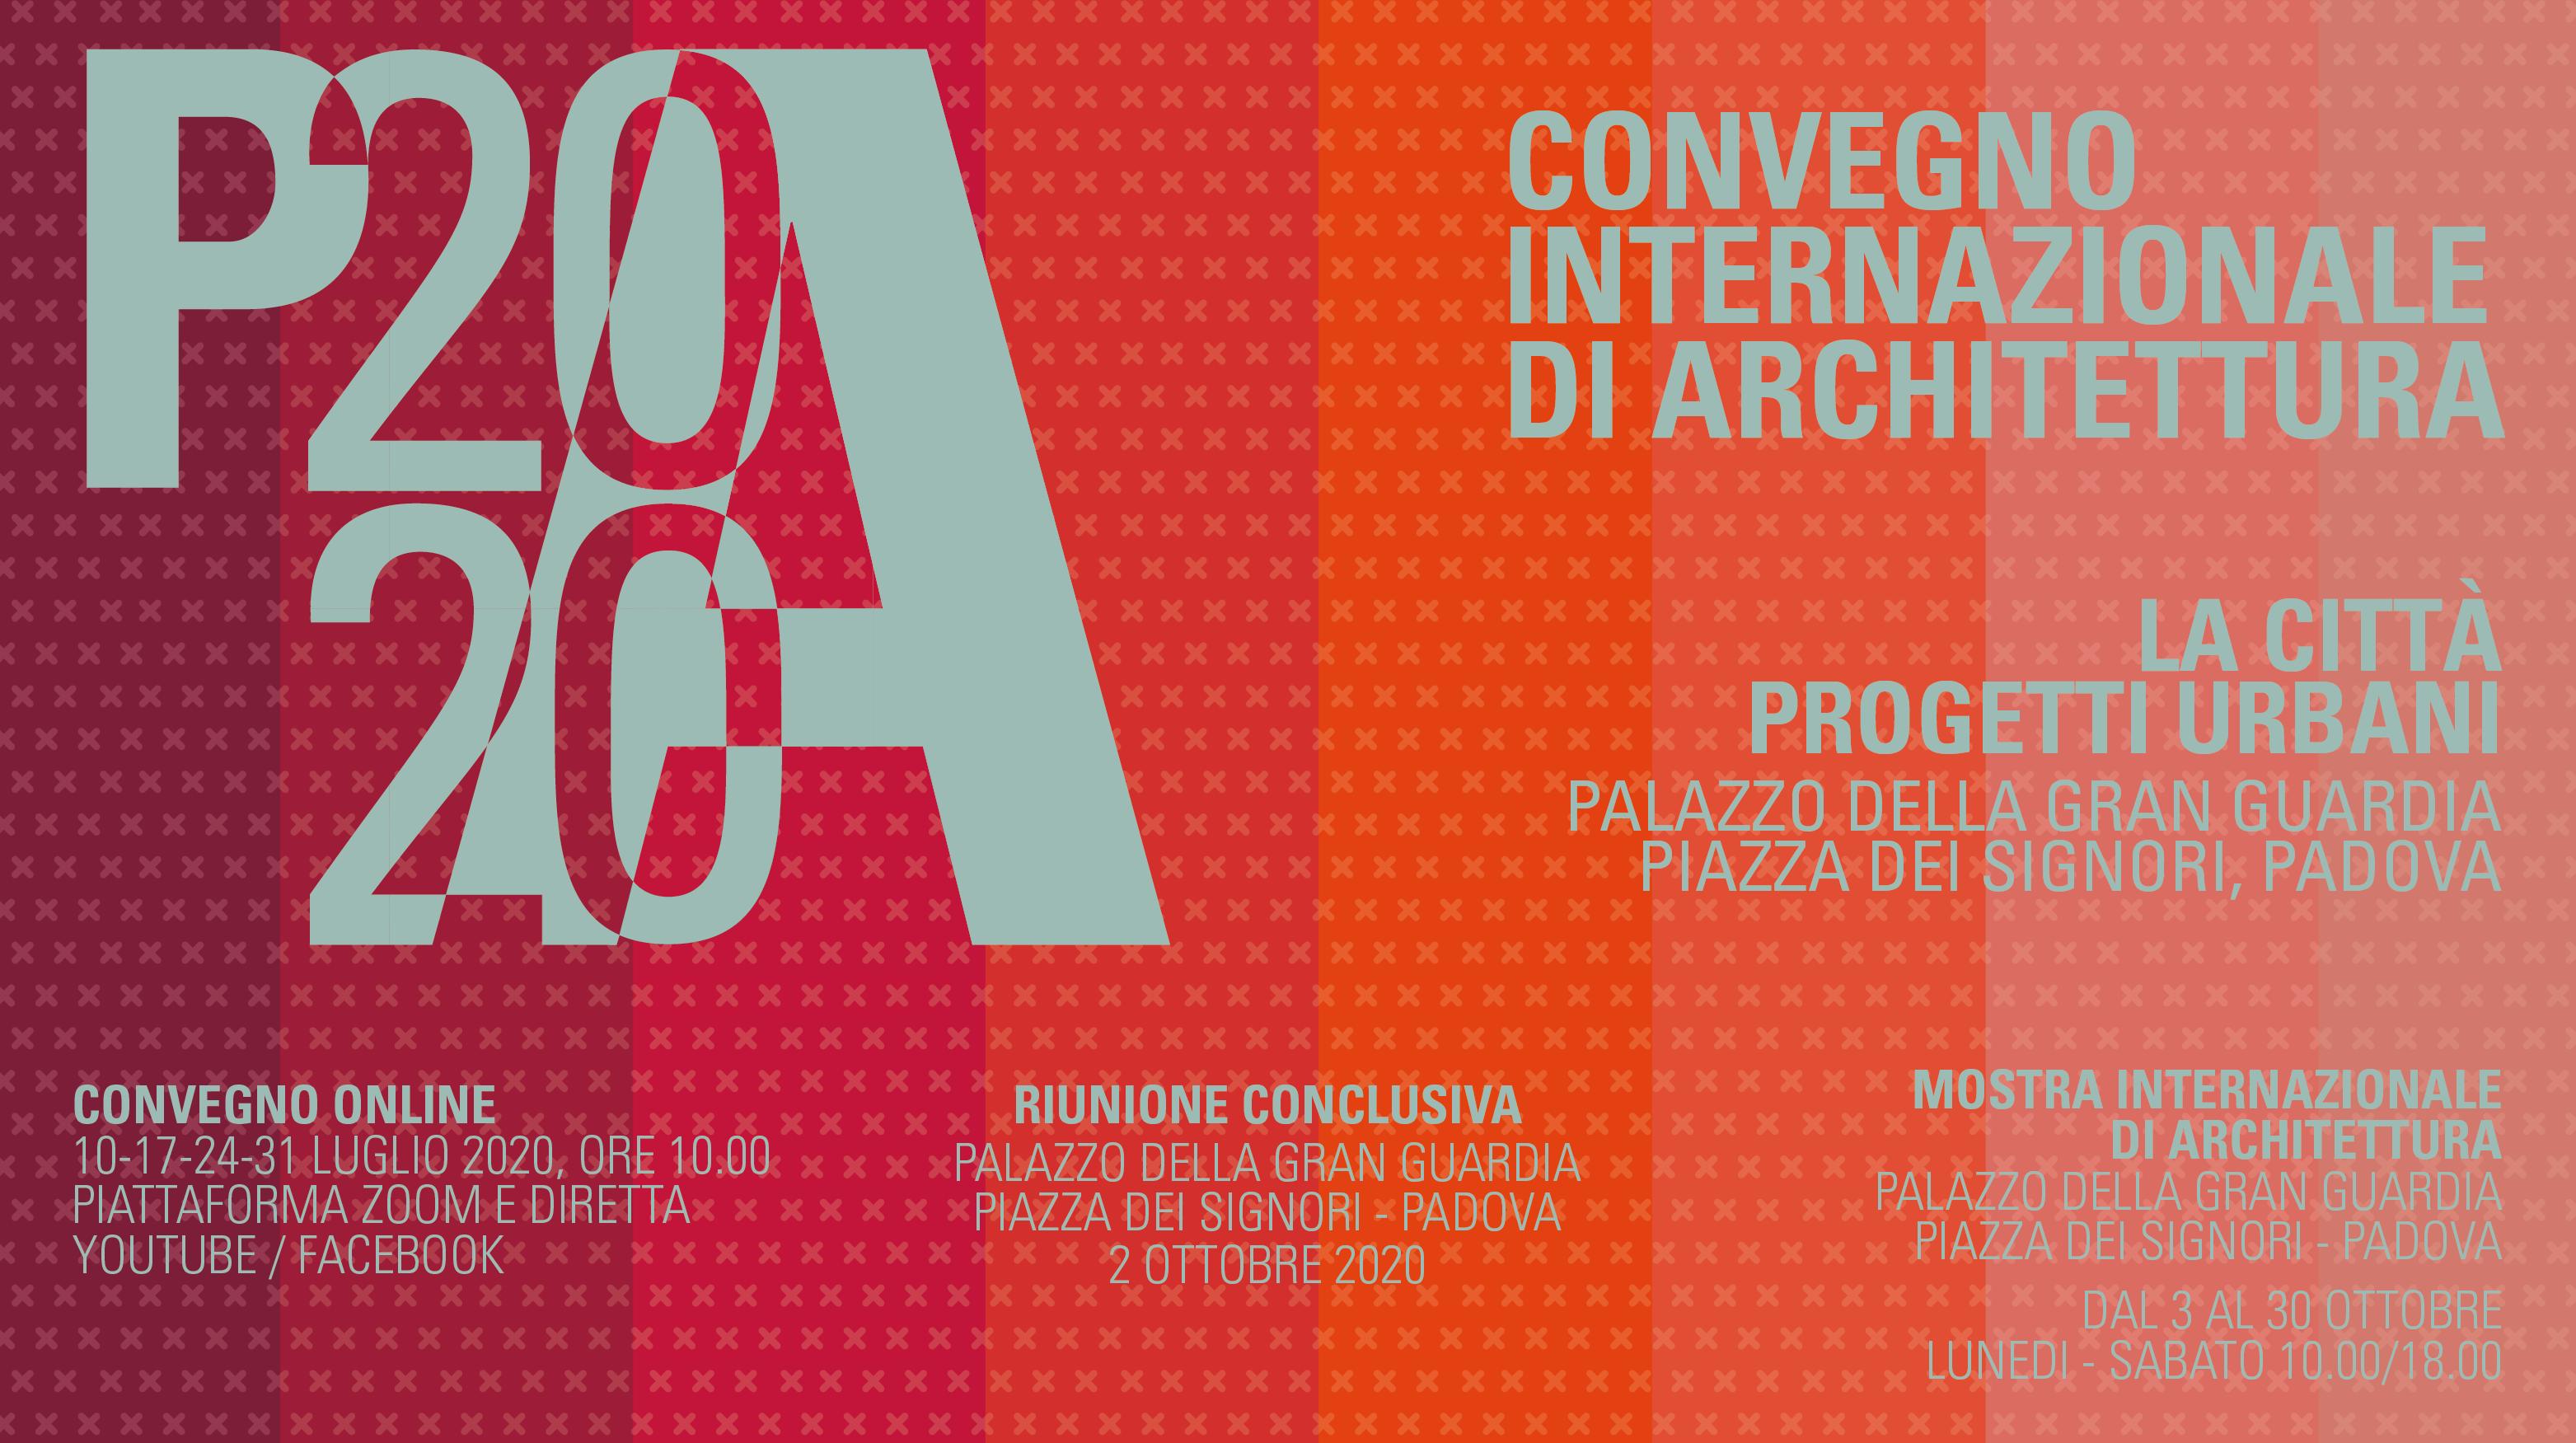 La Città. Progetti Urbani-Convegno internazionale di architettura